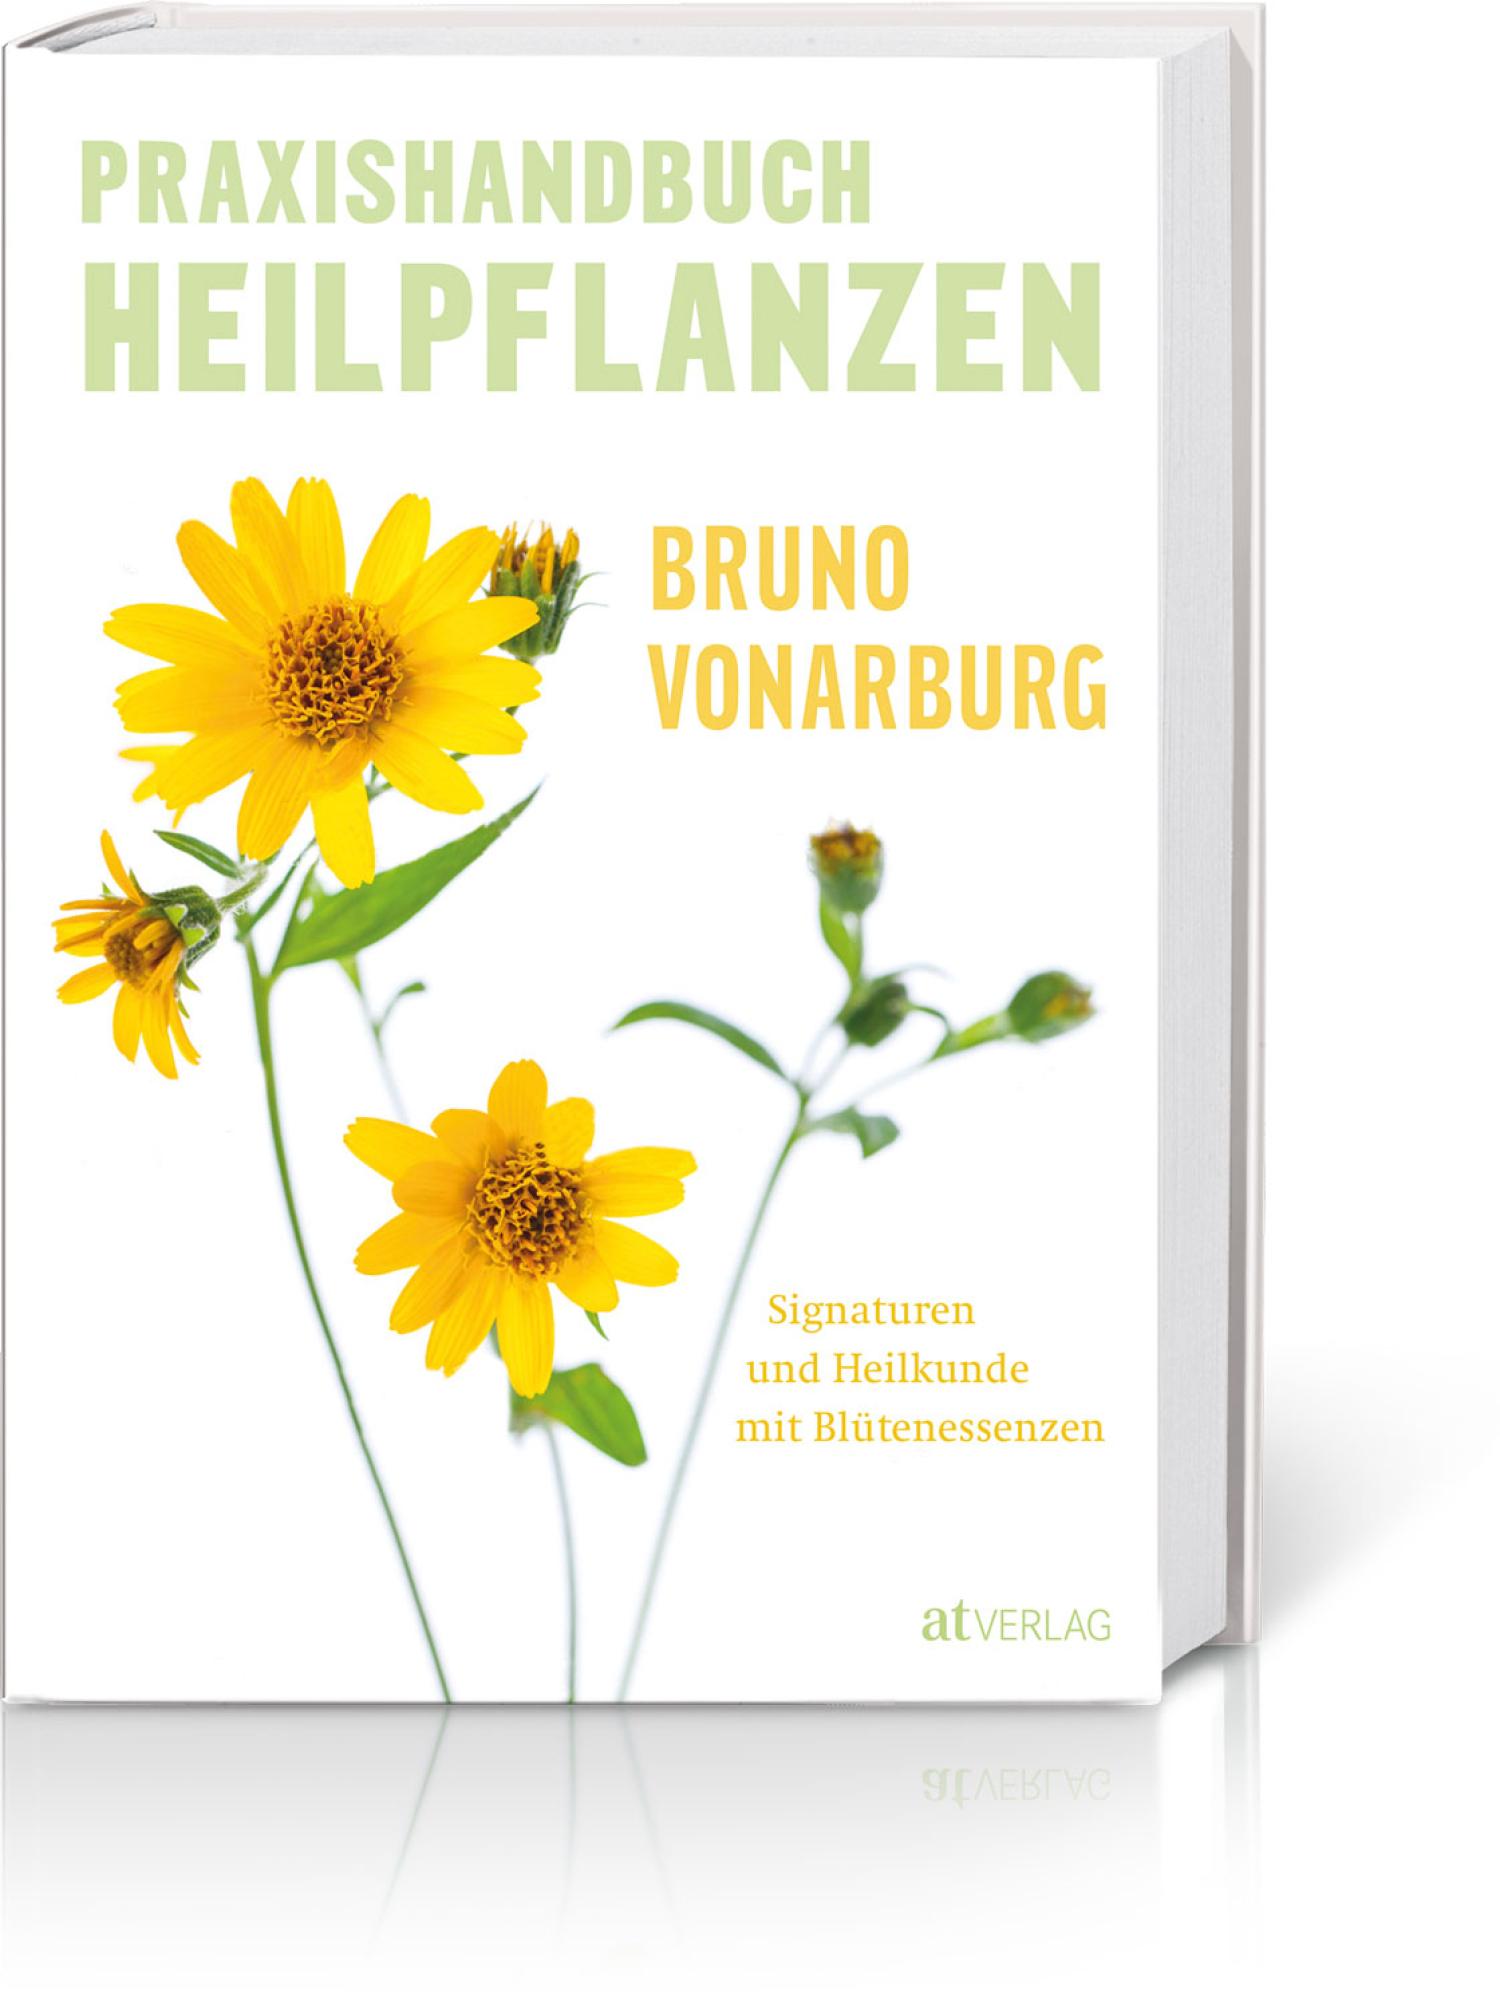 Praxishandbuch Heilpflanzen, Produktbild 1